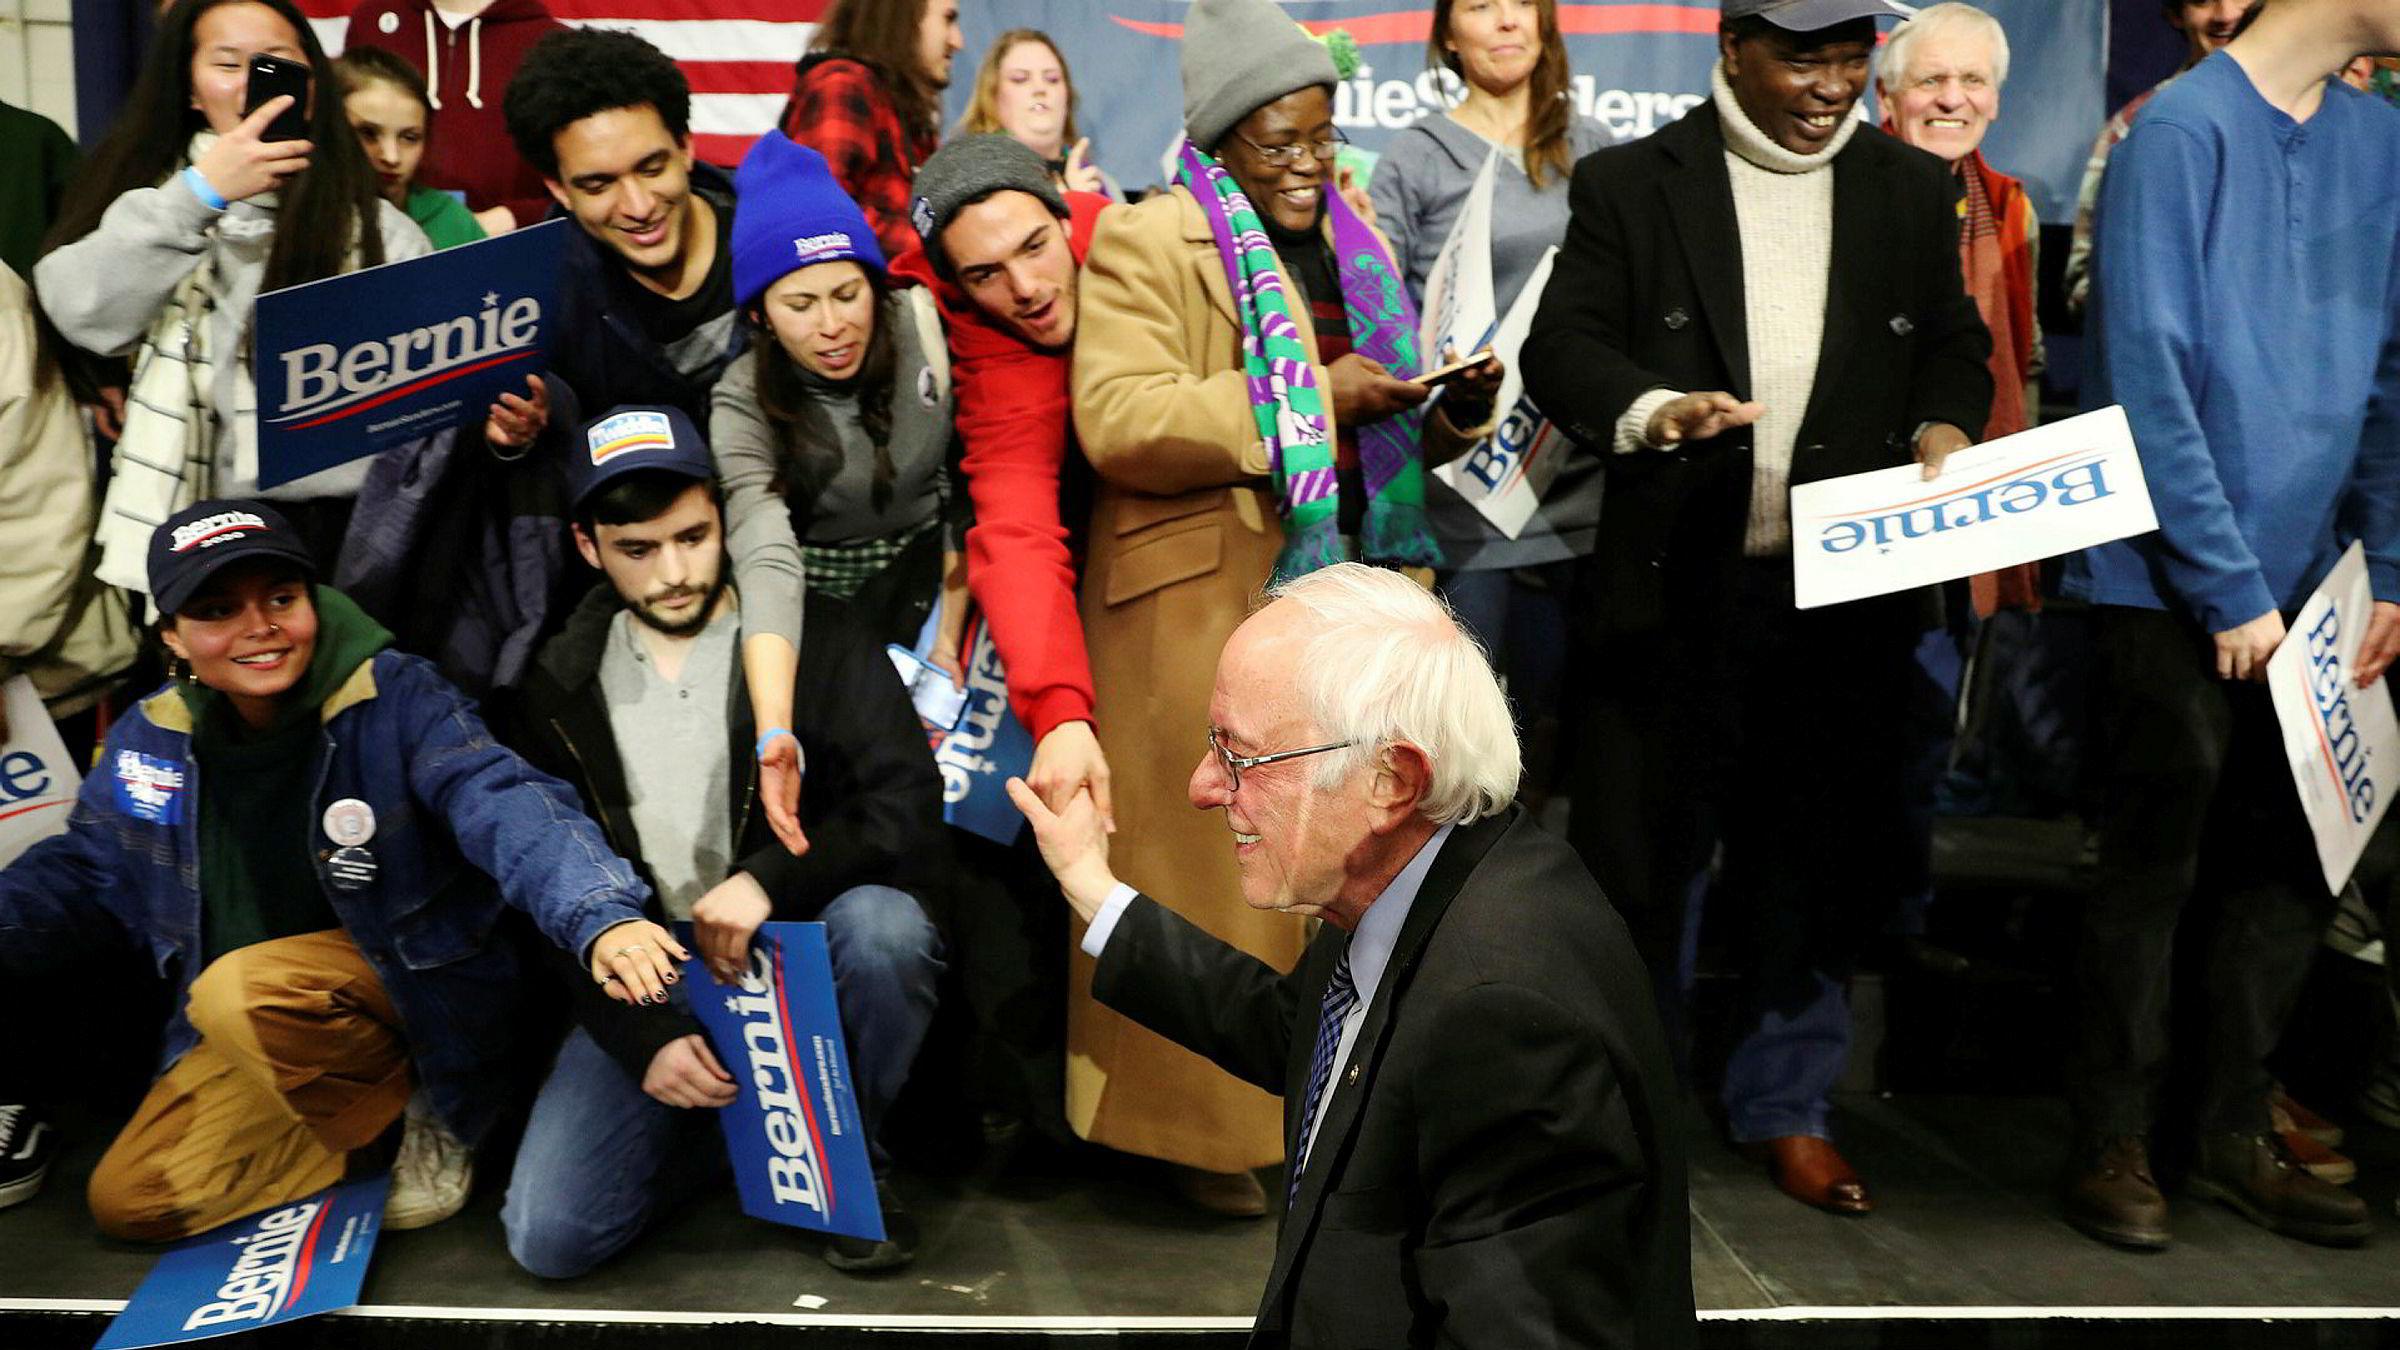 Bernie Sanders er sammen med Pete Buttigieg favoritt foran valgene i New Hampshire.